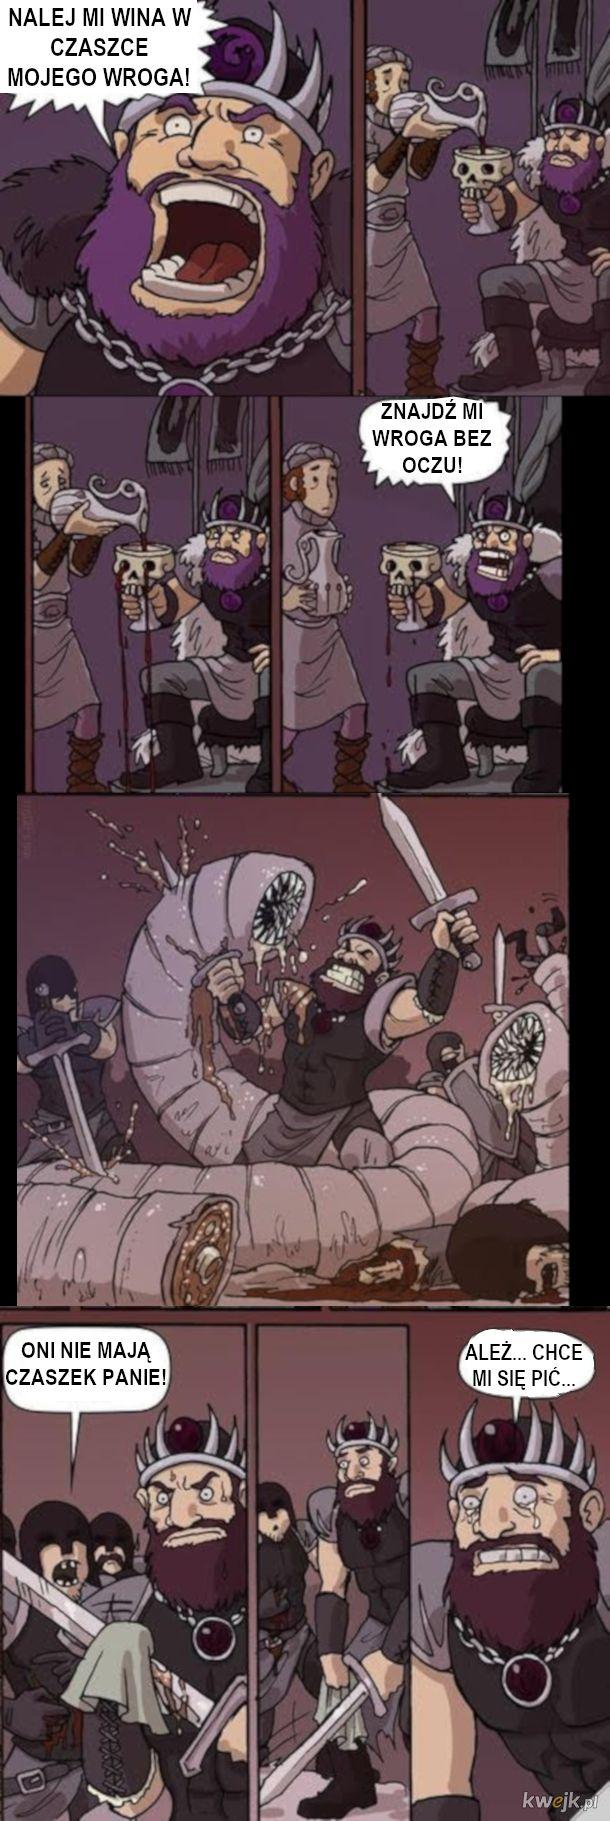 Picie z czaszek pokonanych wrogów